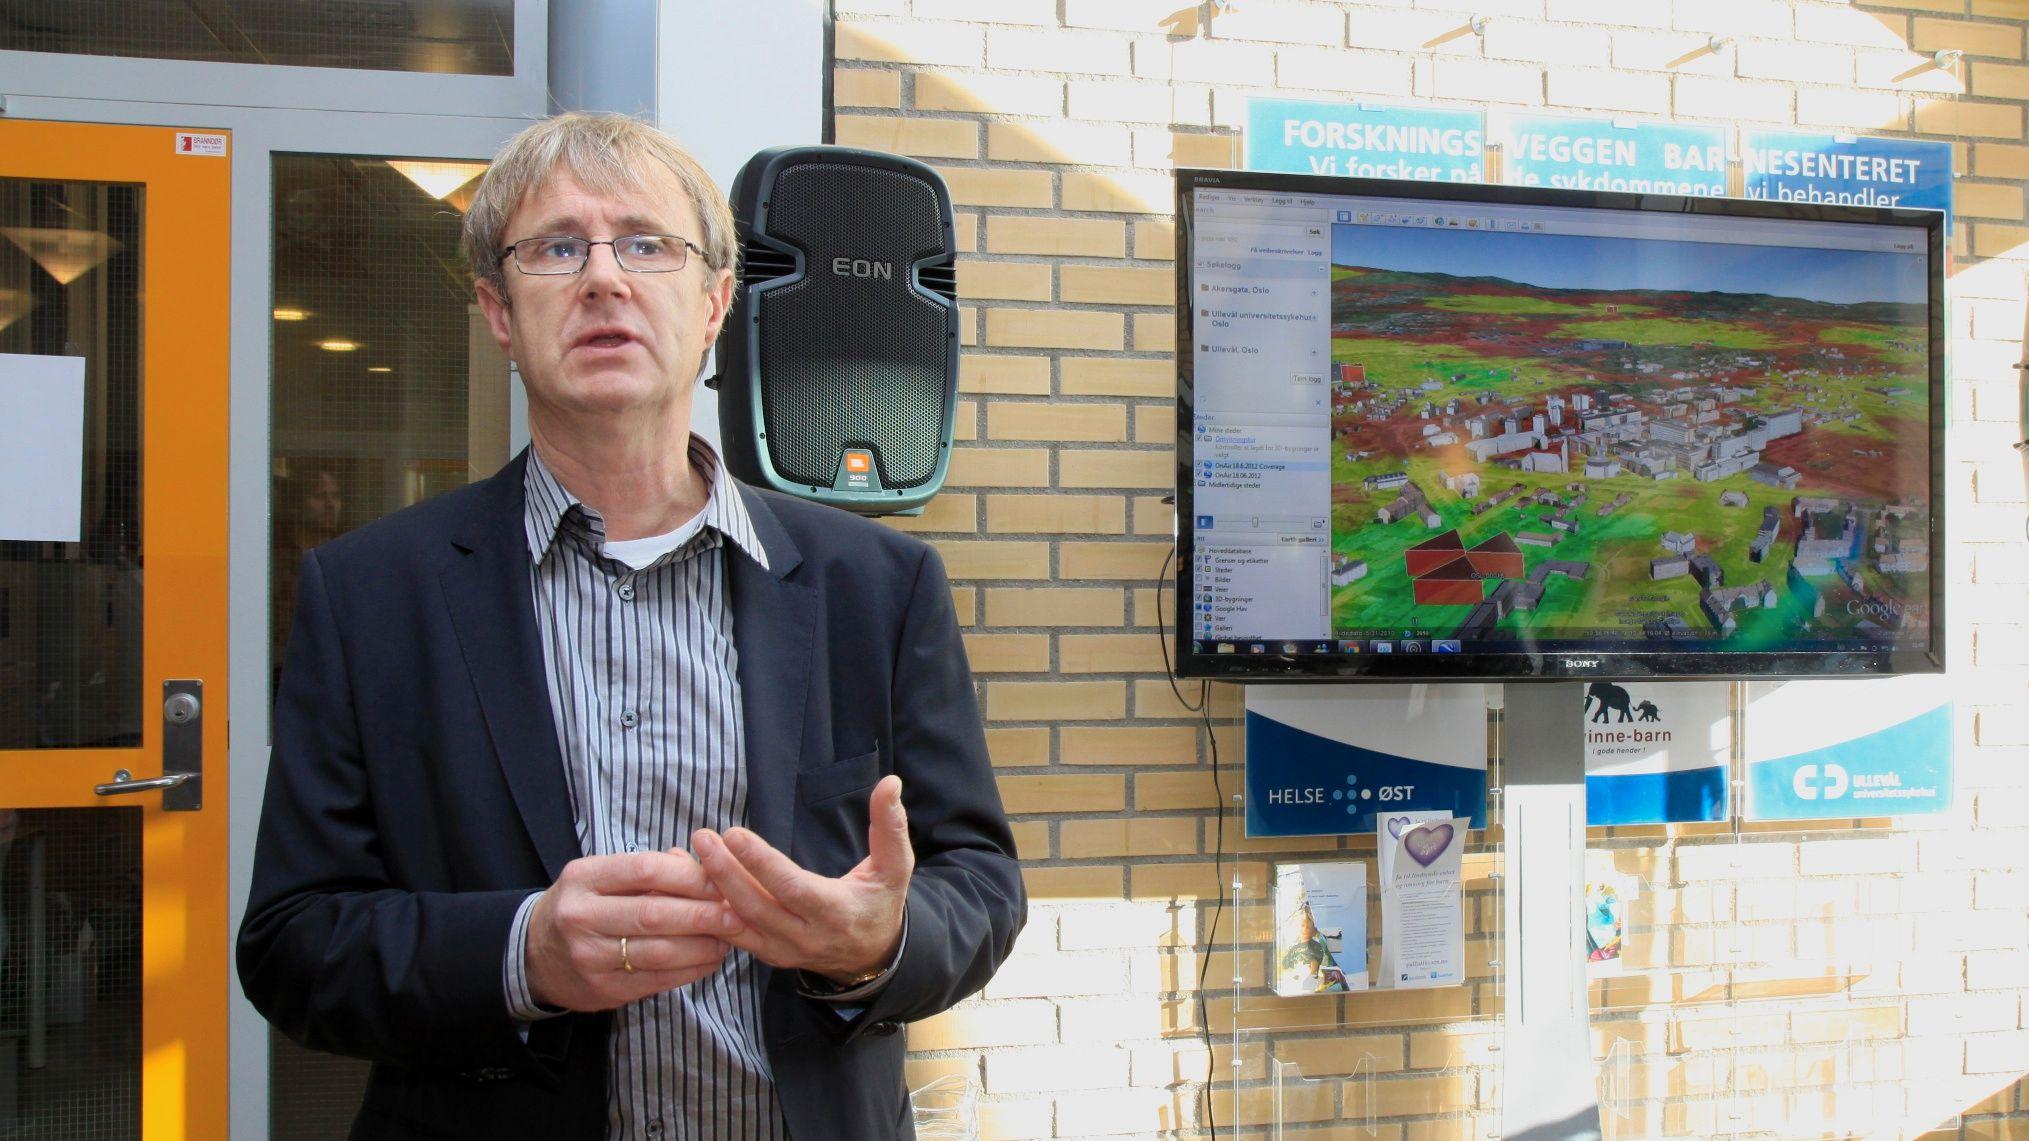 Telenors dekningsdirektør Bjørn Amundsen viste via Google Earth hvordan dekningen er på ulike steder i Norge.Foto: Kurt Lekanger, Amobil.no